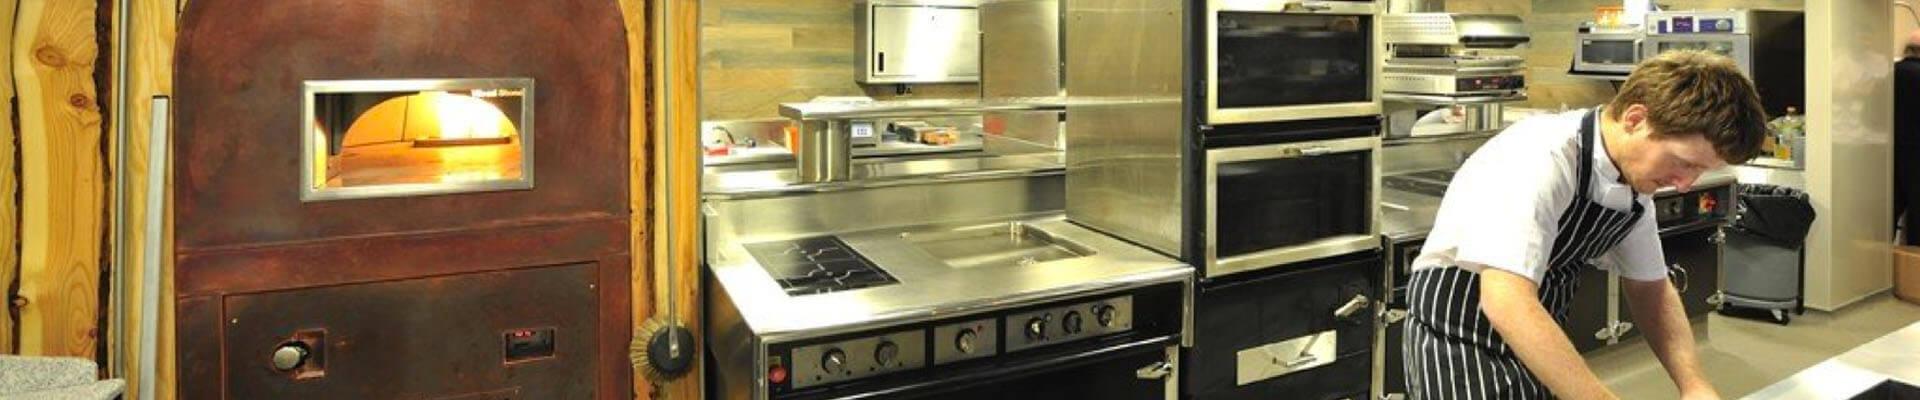 Banner_Kitchen_1920x400